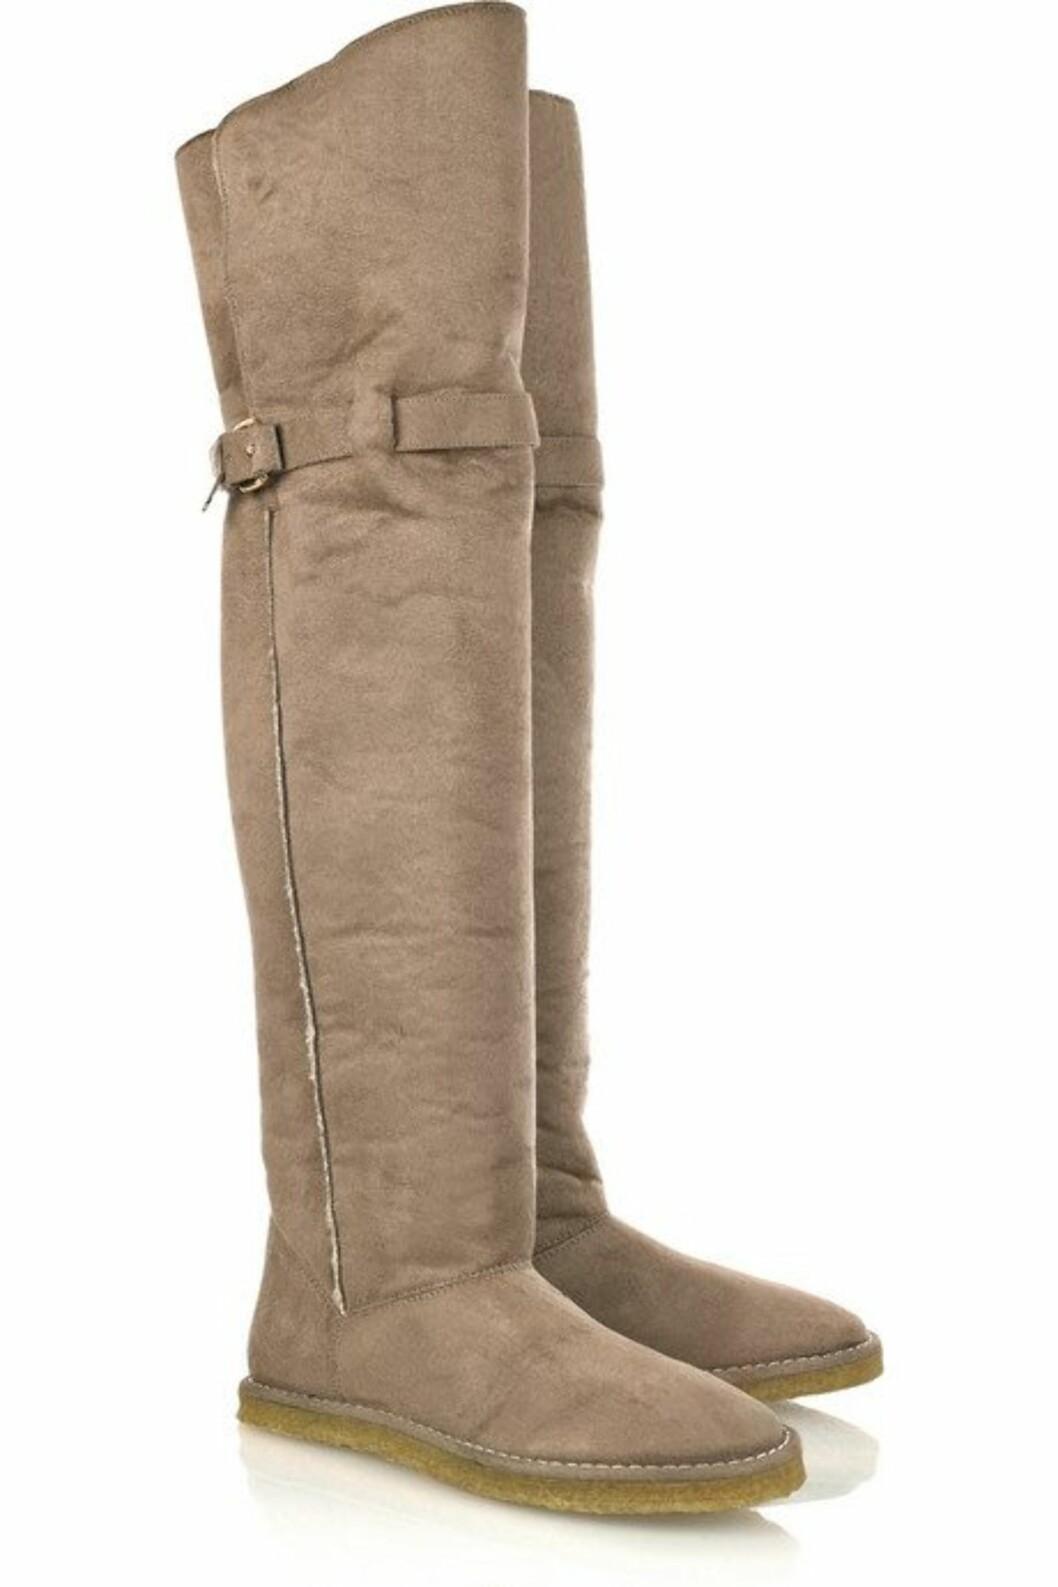 ... og bootsene kan brettes opp og dekke både legger og knær på ekstra kalde dager.  Foto: Produsenten.